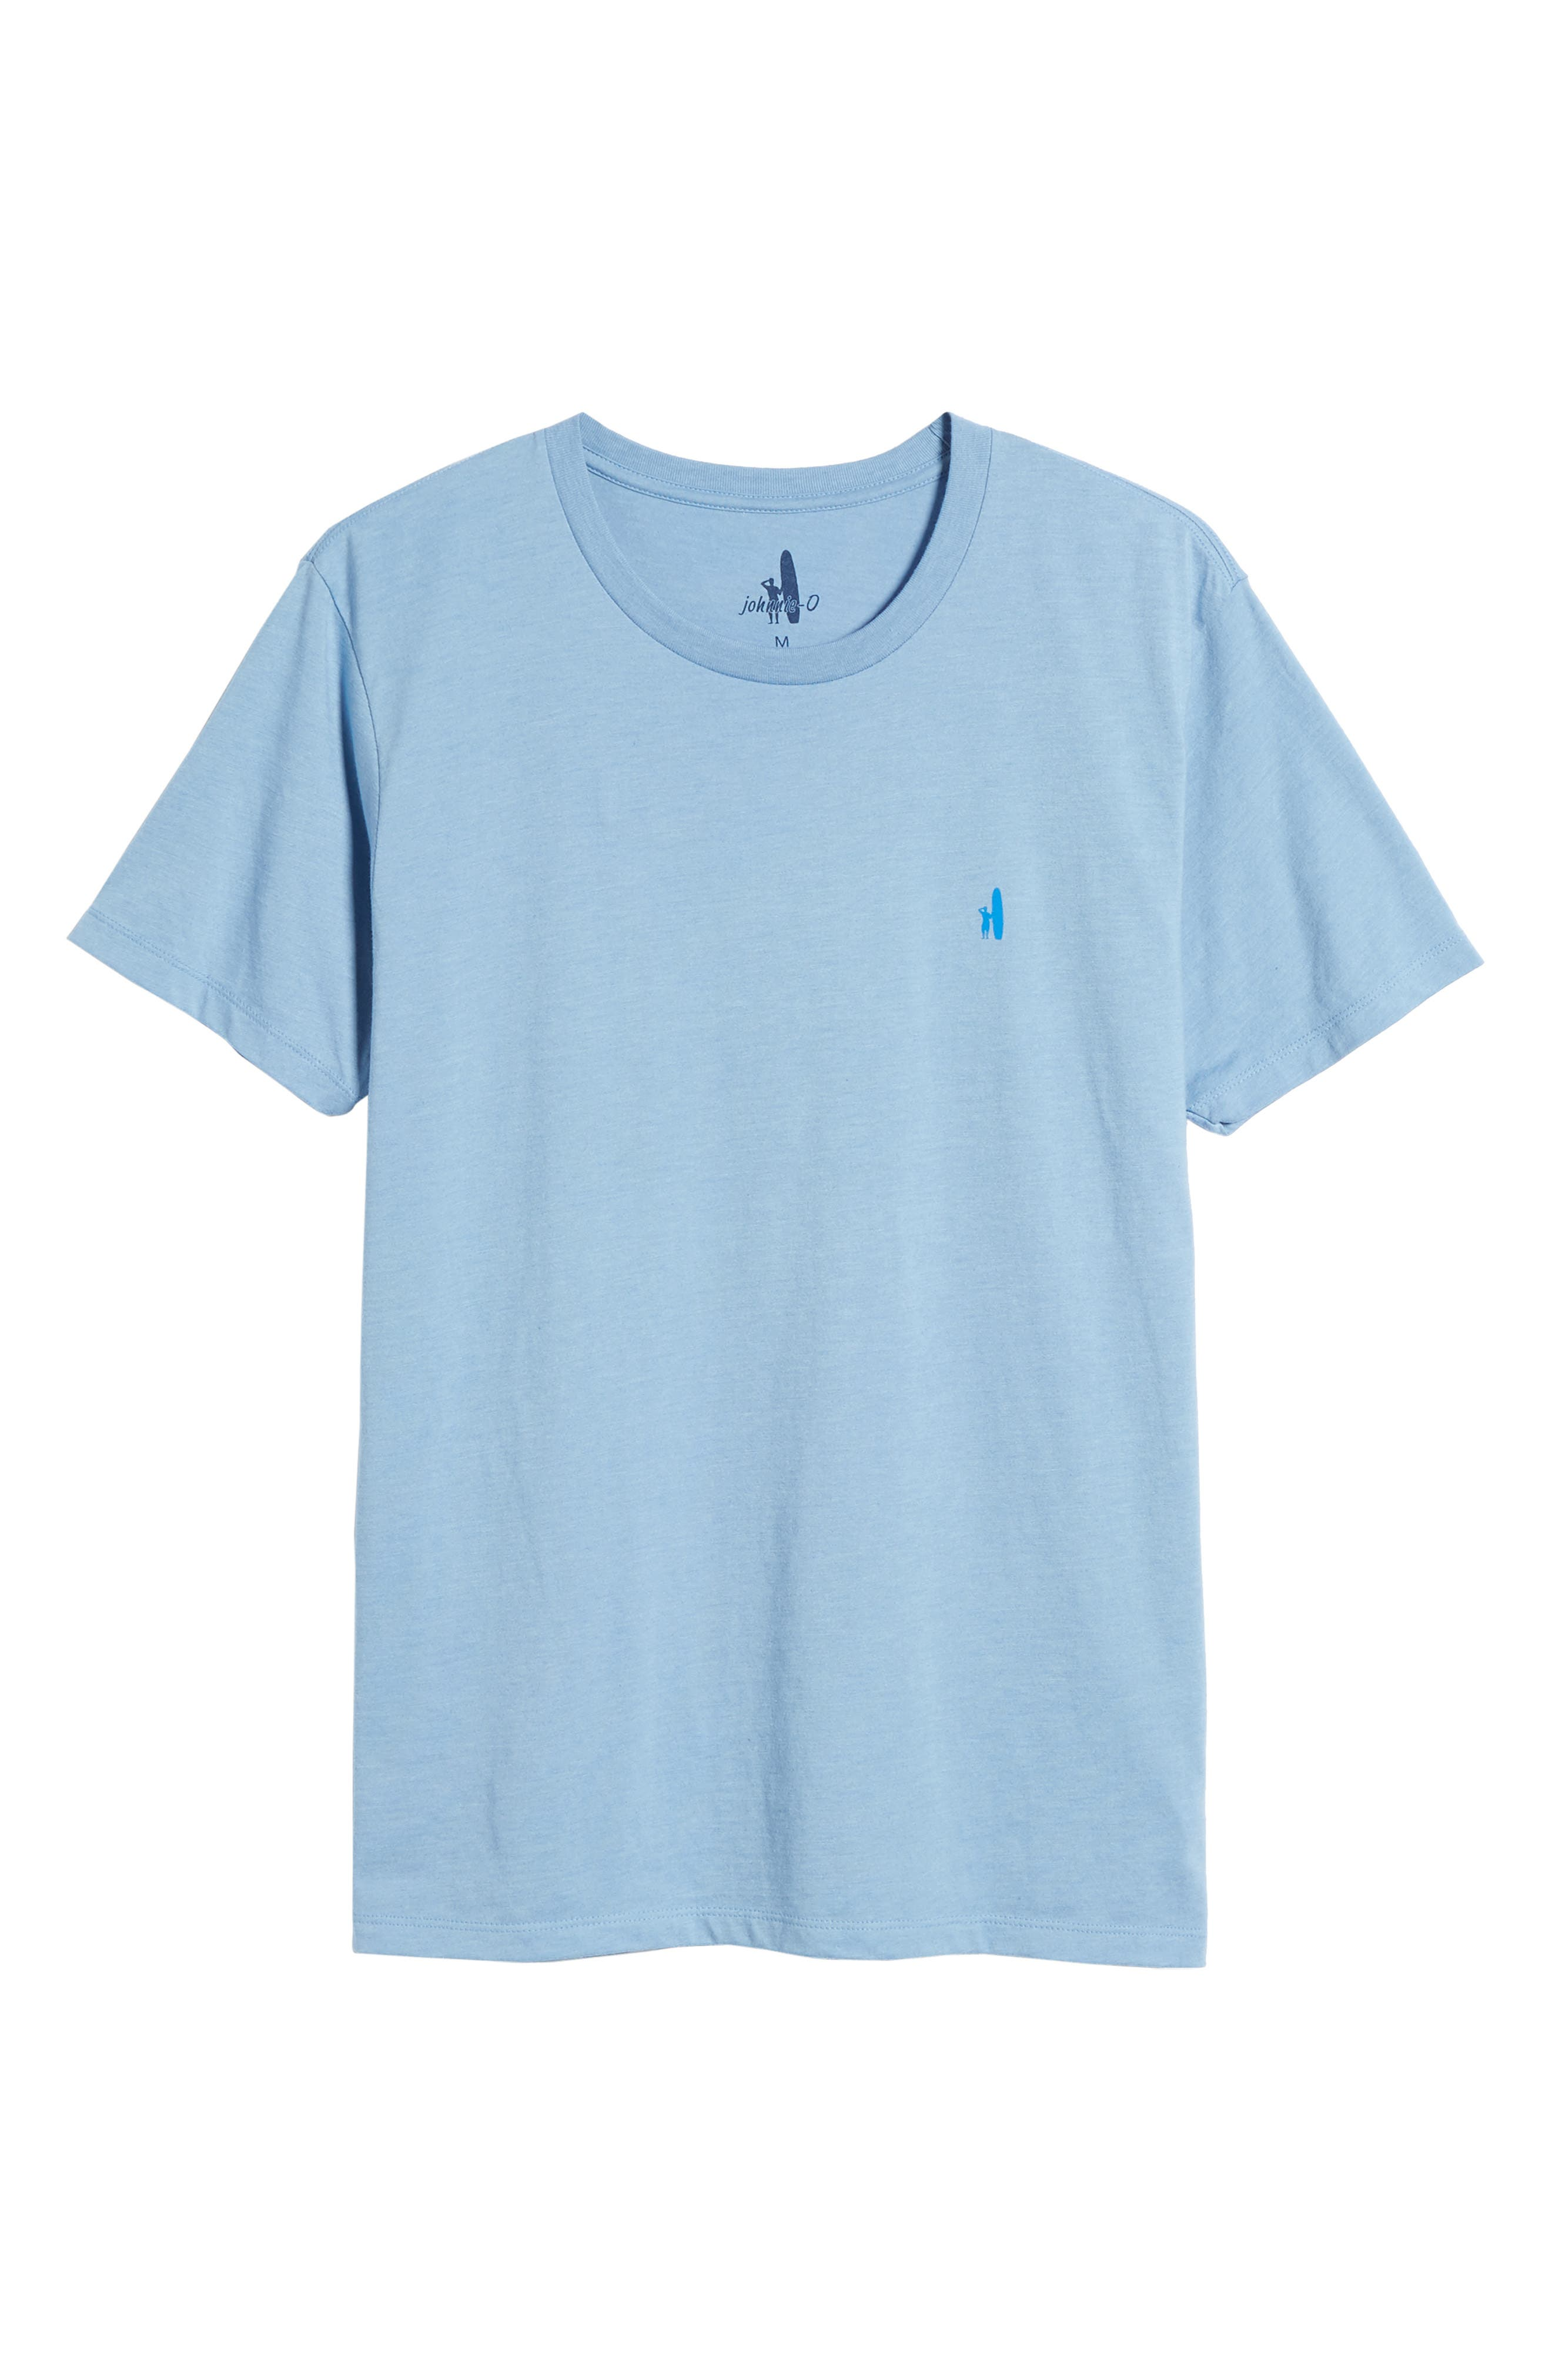 Deck Graphic T-Shirt,                             Alternate thumbnail 6, color,                             400